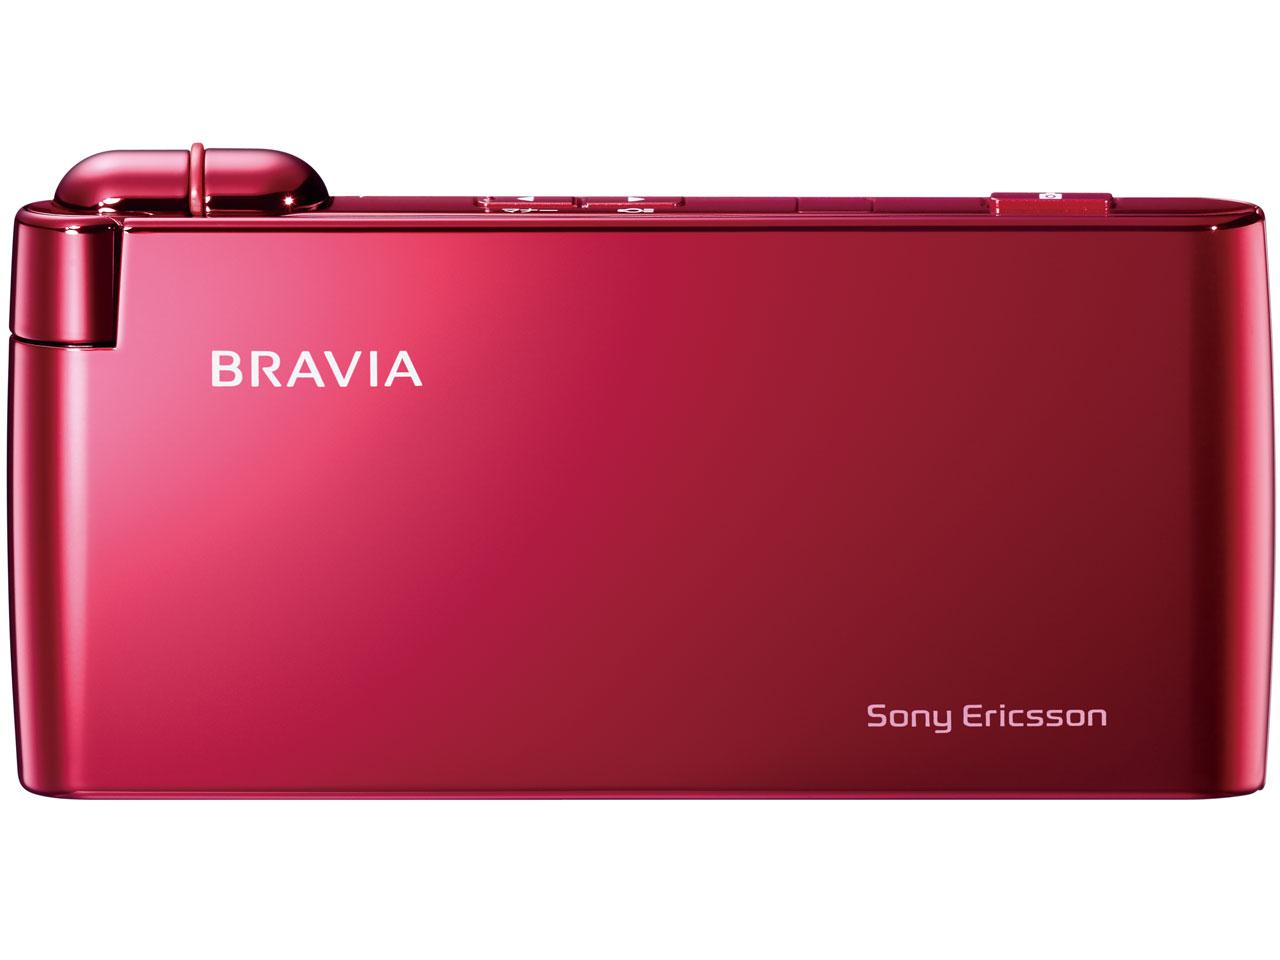 『本体 閉じ 正面1』 BRAVIA Phone S005 [ビビッドレッド] の製品画像